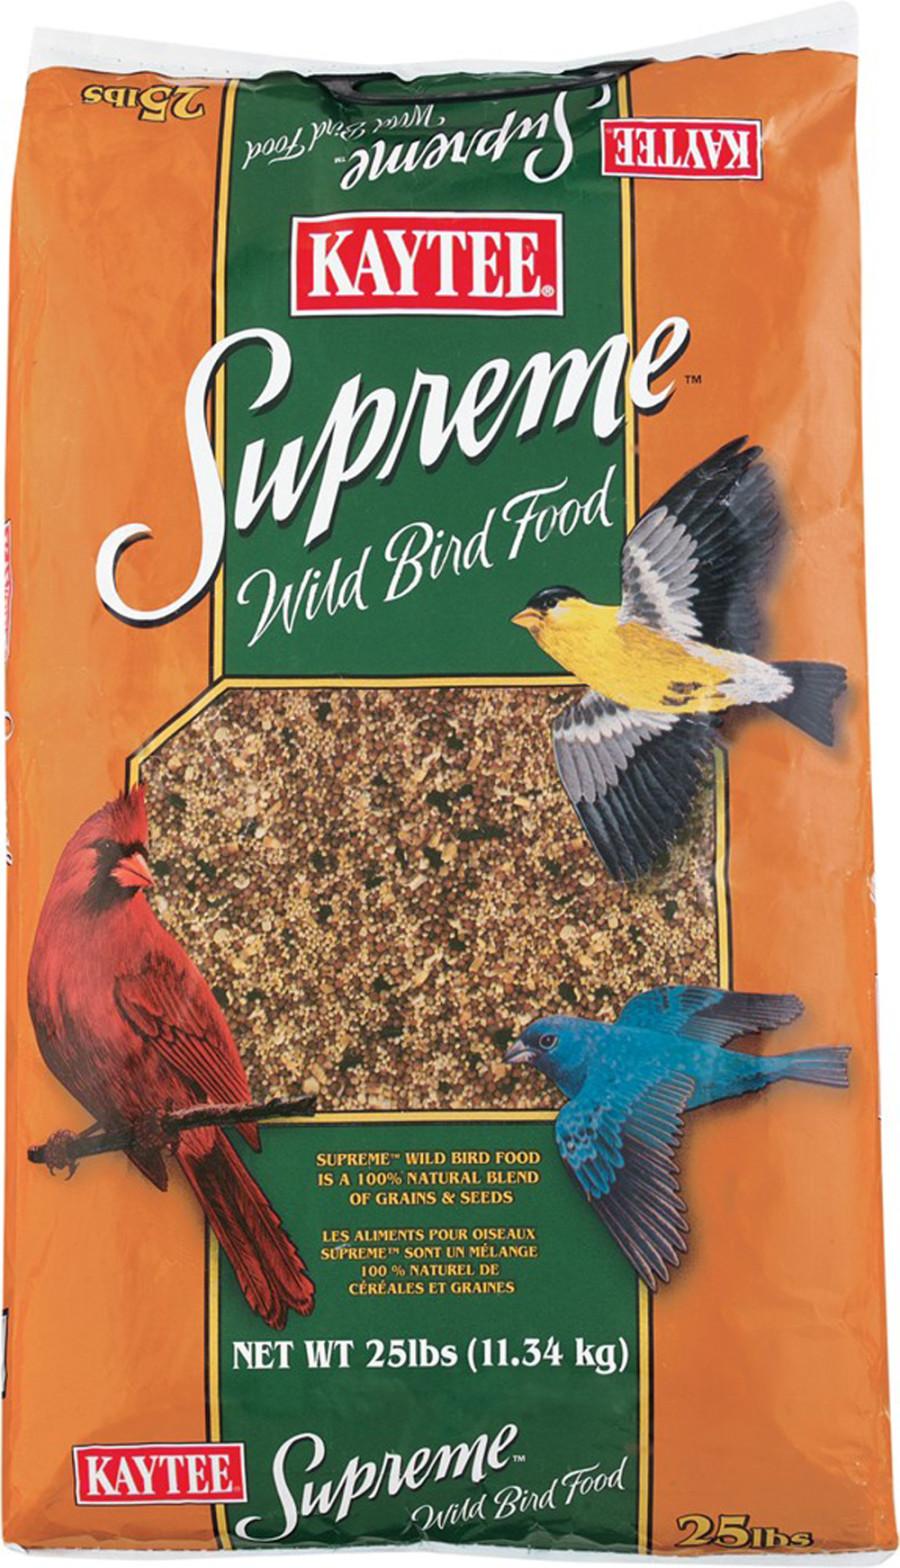 Kaytee Supreme Wild Bird Food 1ea/25 lb